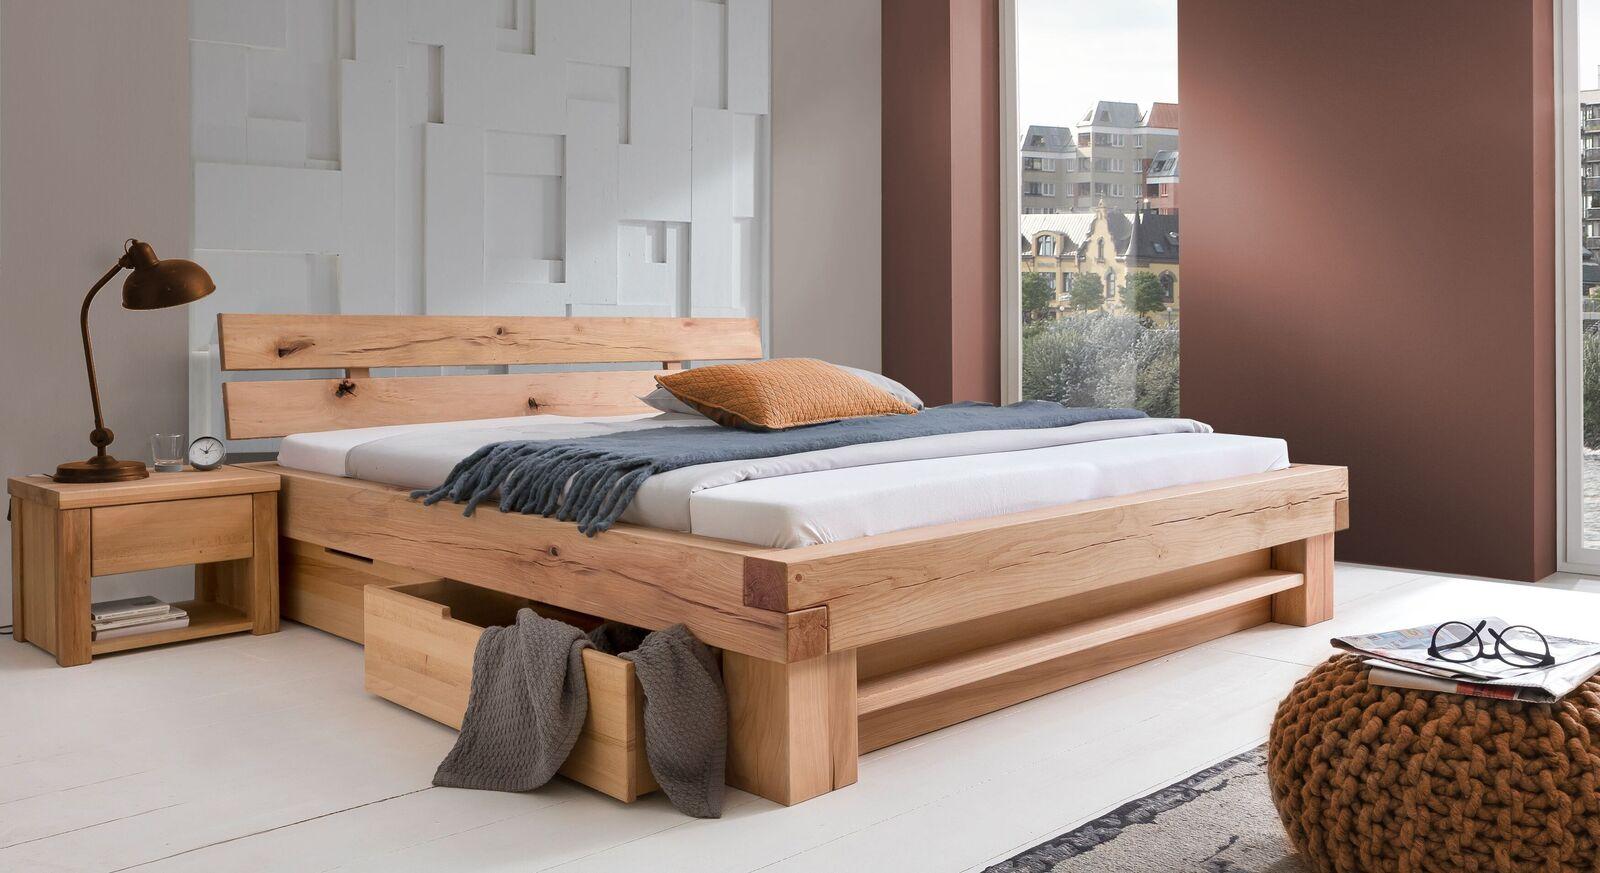 Schubkasten-Bett Sowa mit passendem Nachttisch